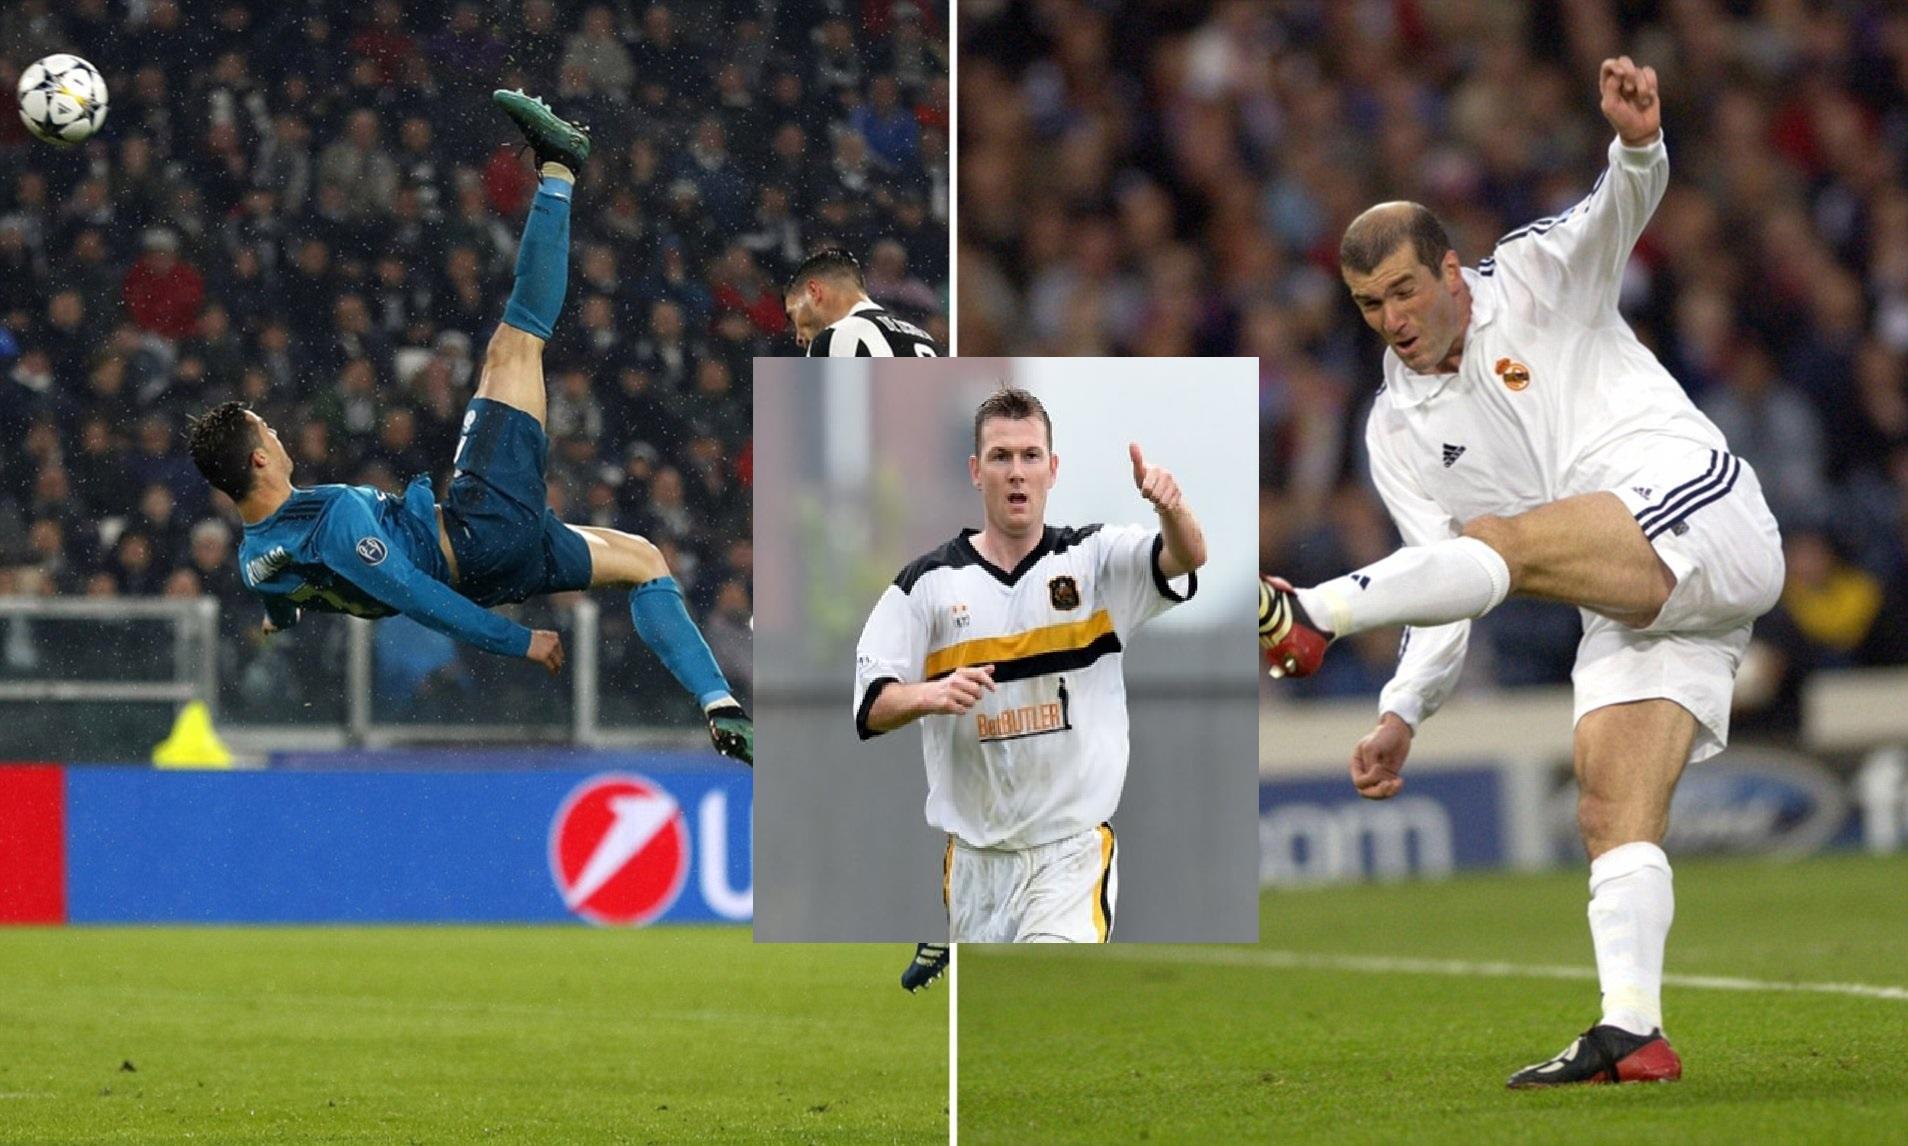 Sau bàn thắng của Ronaldo đã có thêm người tự nhận bàn thắng đẹp hơn của anh